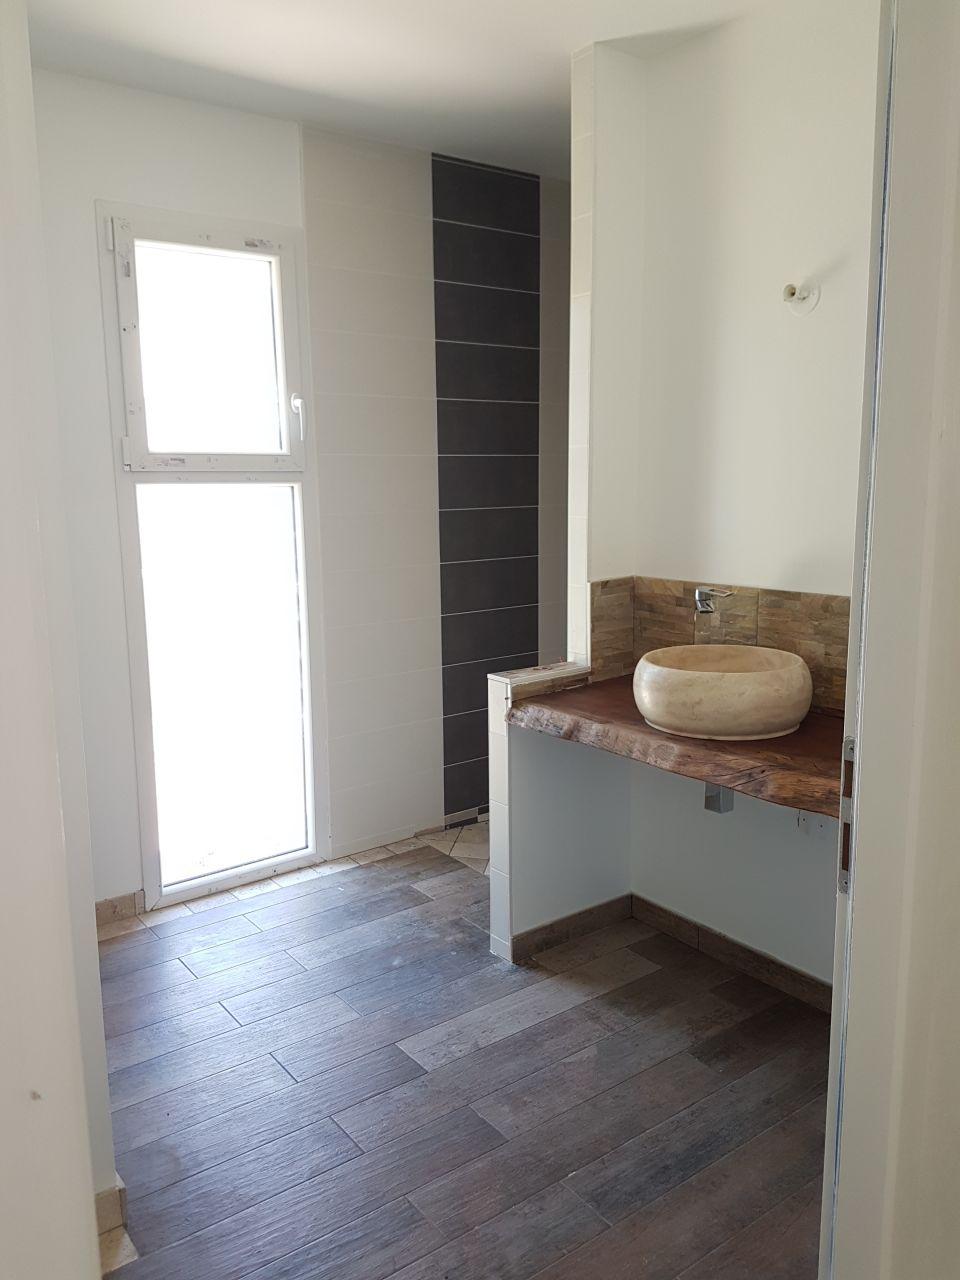 Terrasse suite r ception fin des gros travaux avant for Quel prix pour refaire une salle de bain